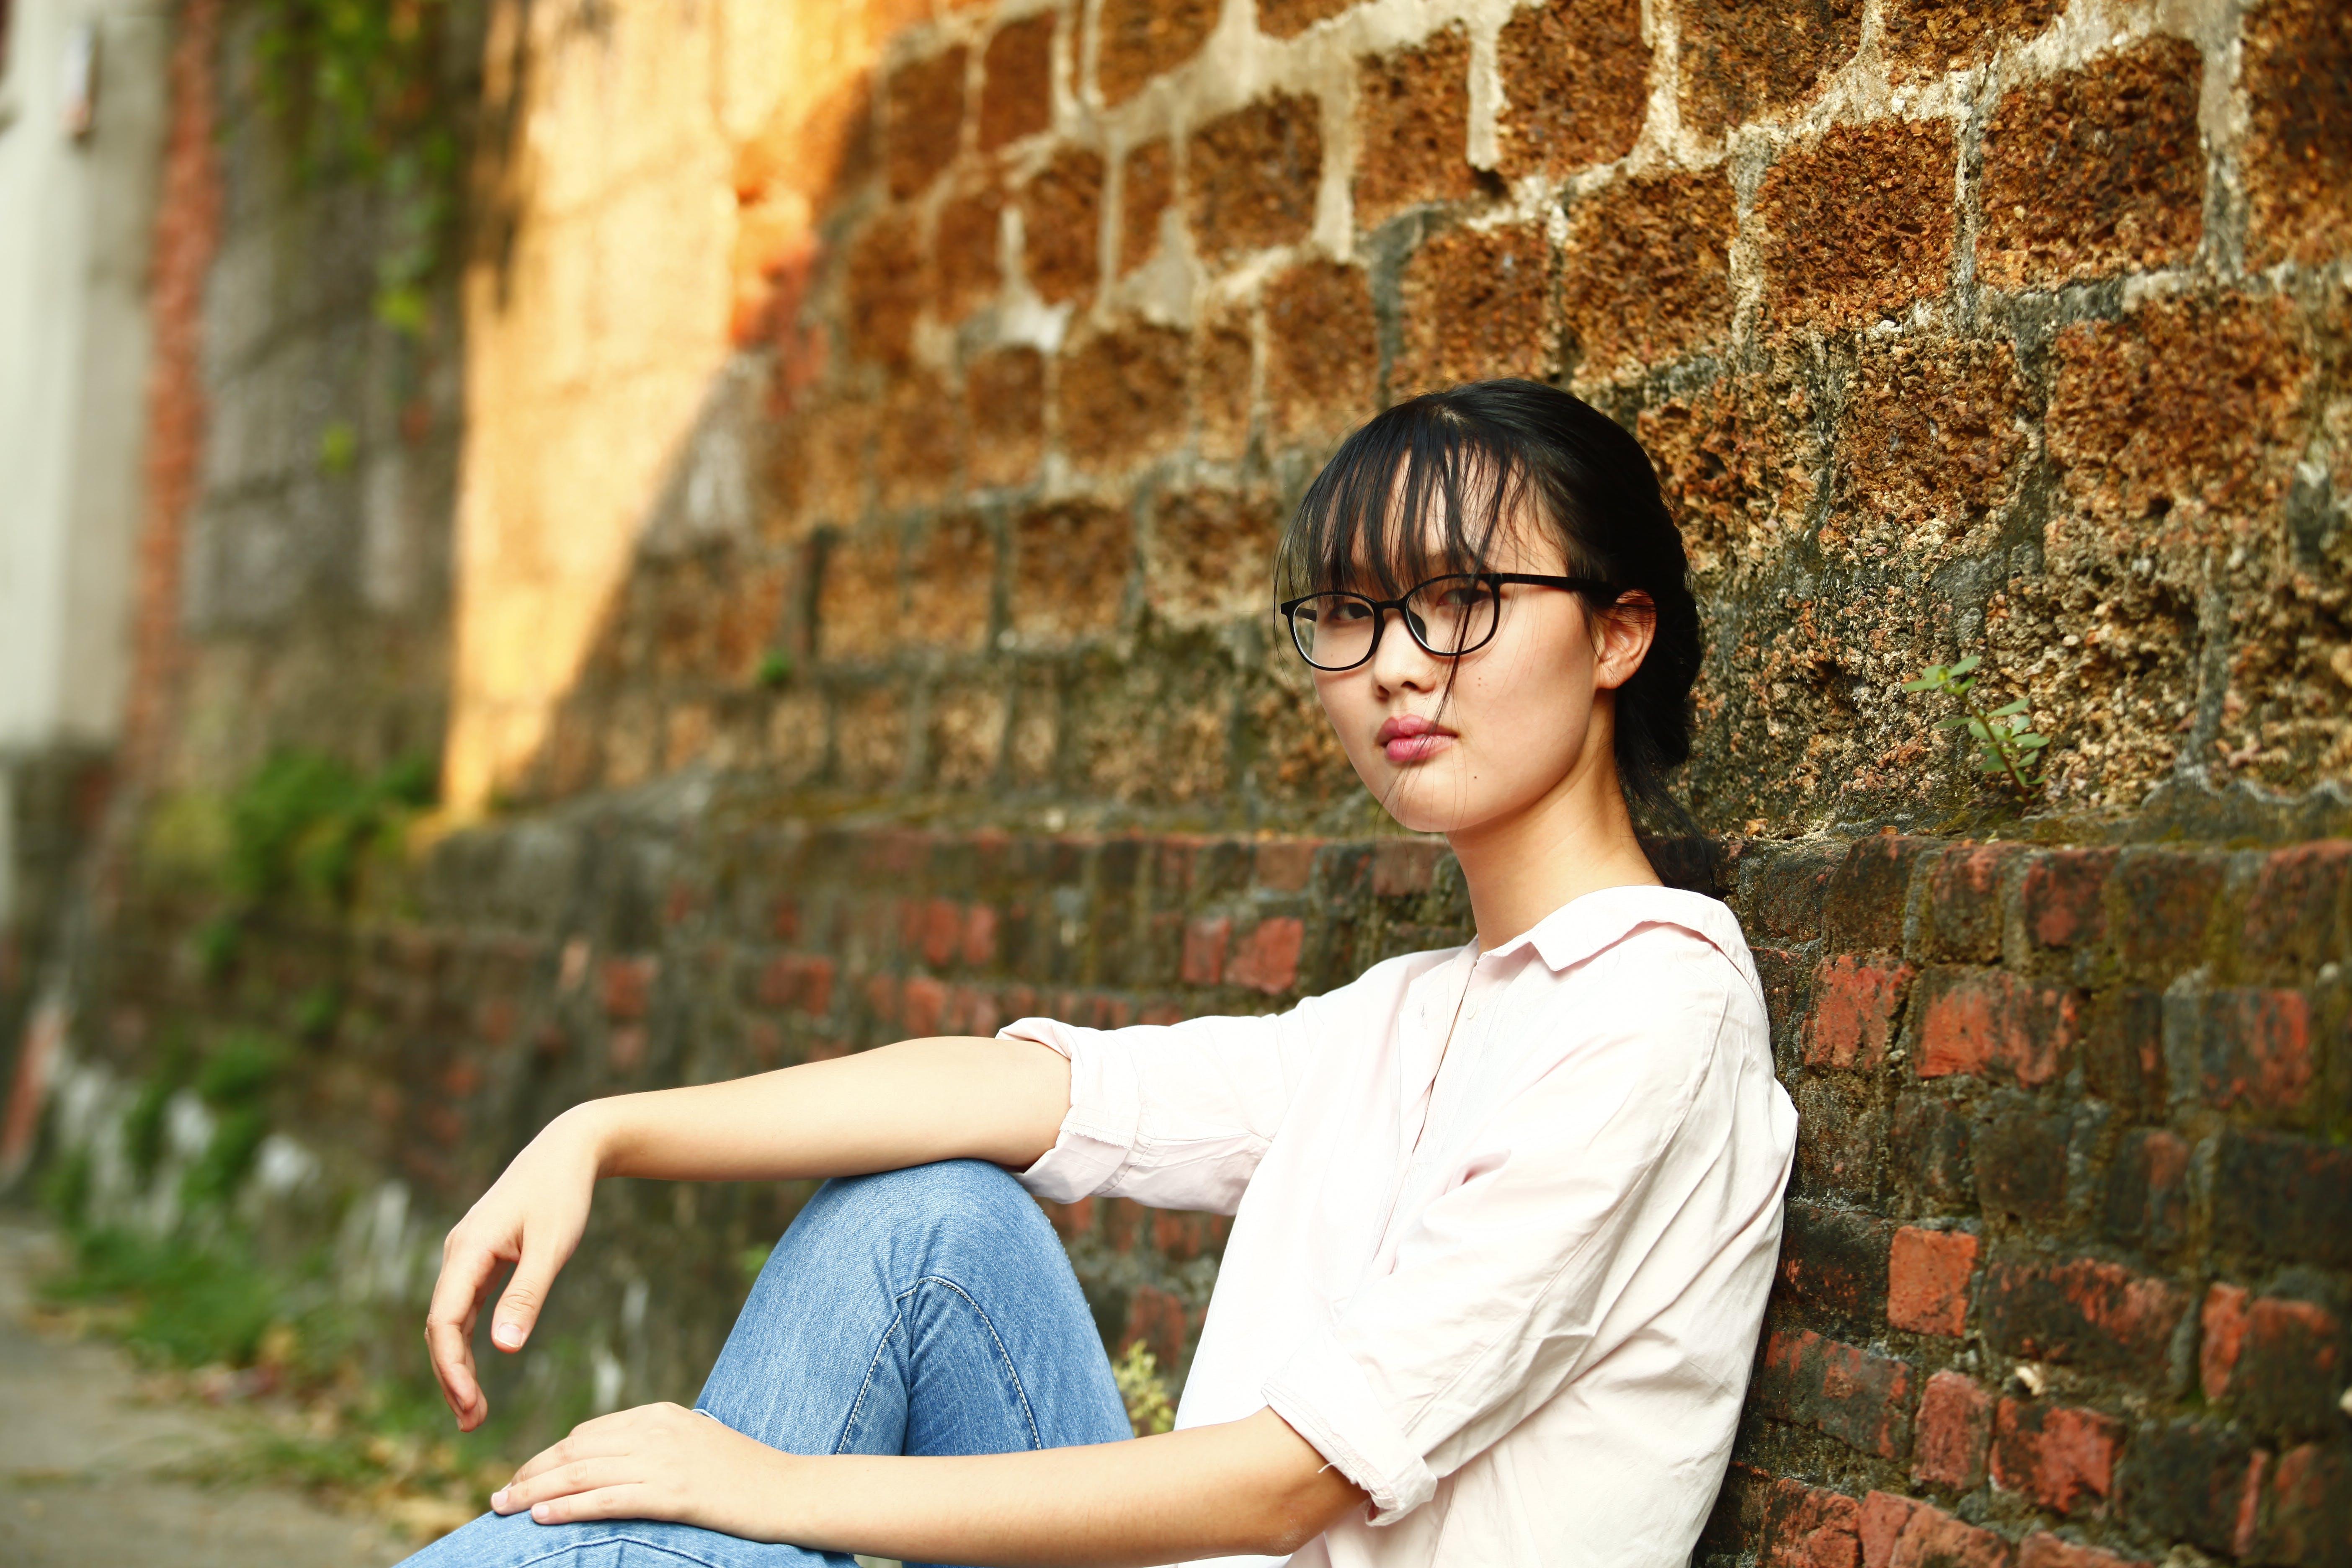 Kostenloses Stock Foto zu asiatische frau, brillen, fashion, fotoshooting